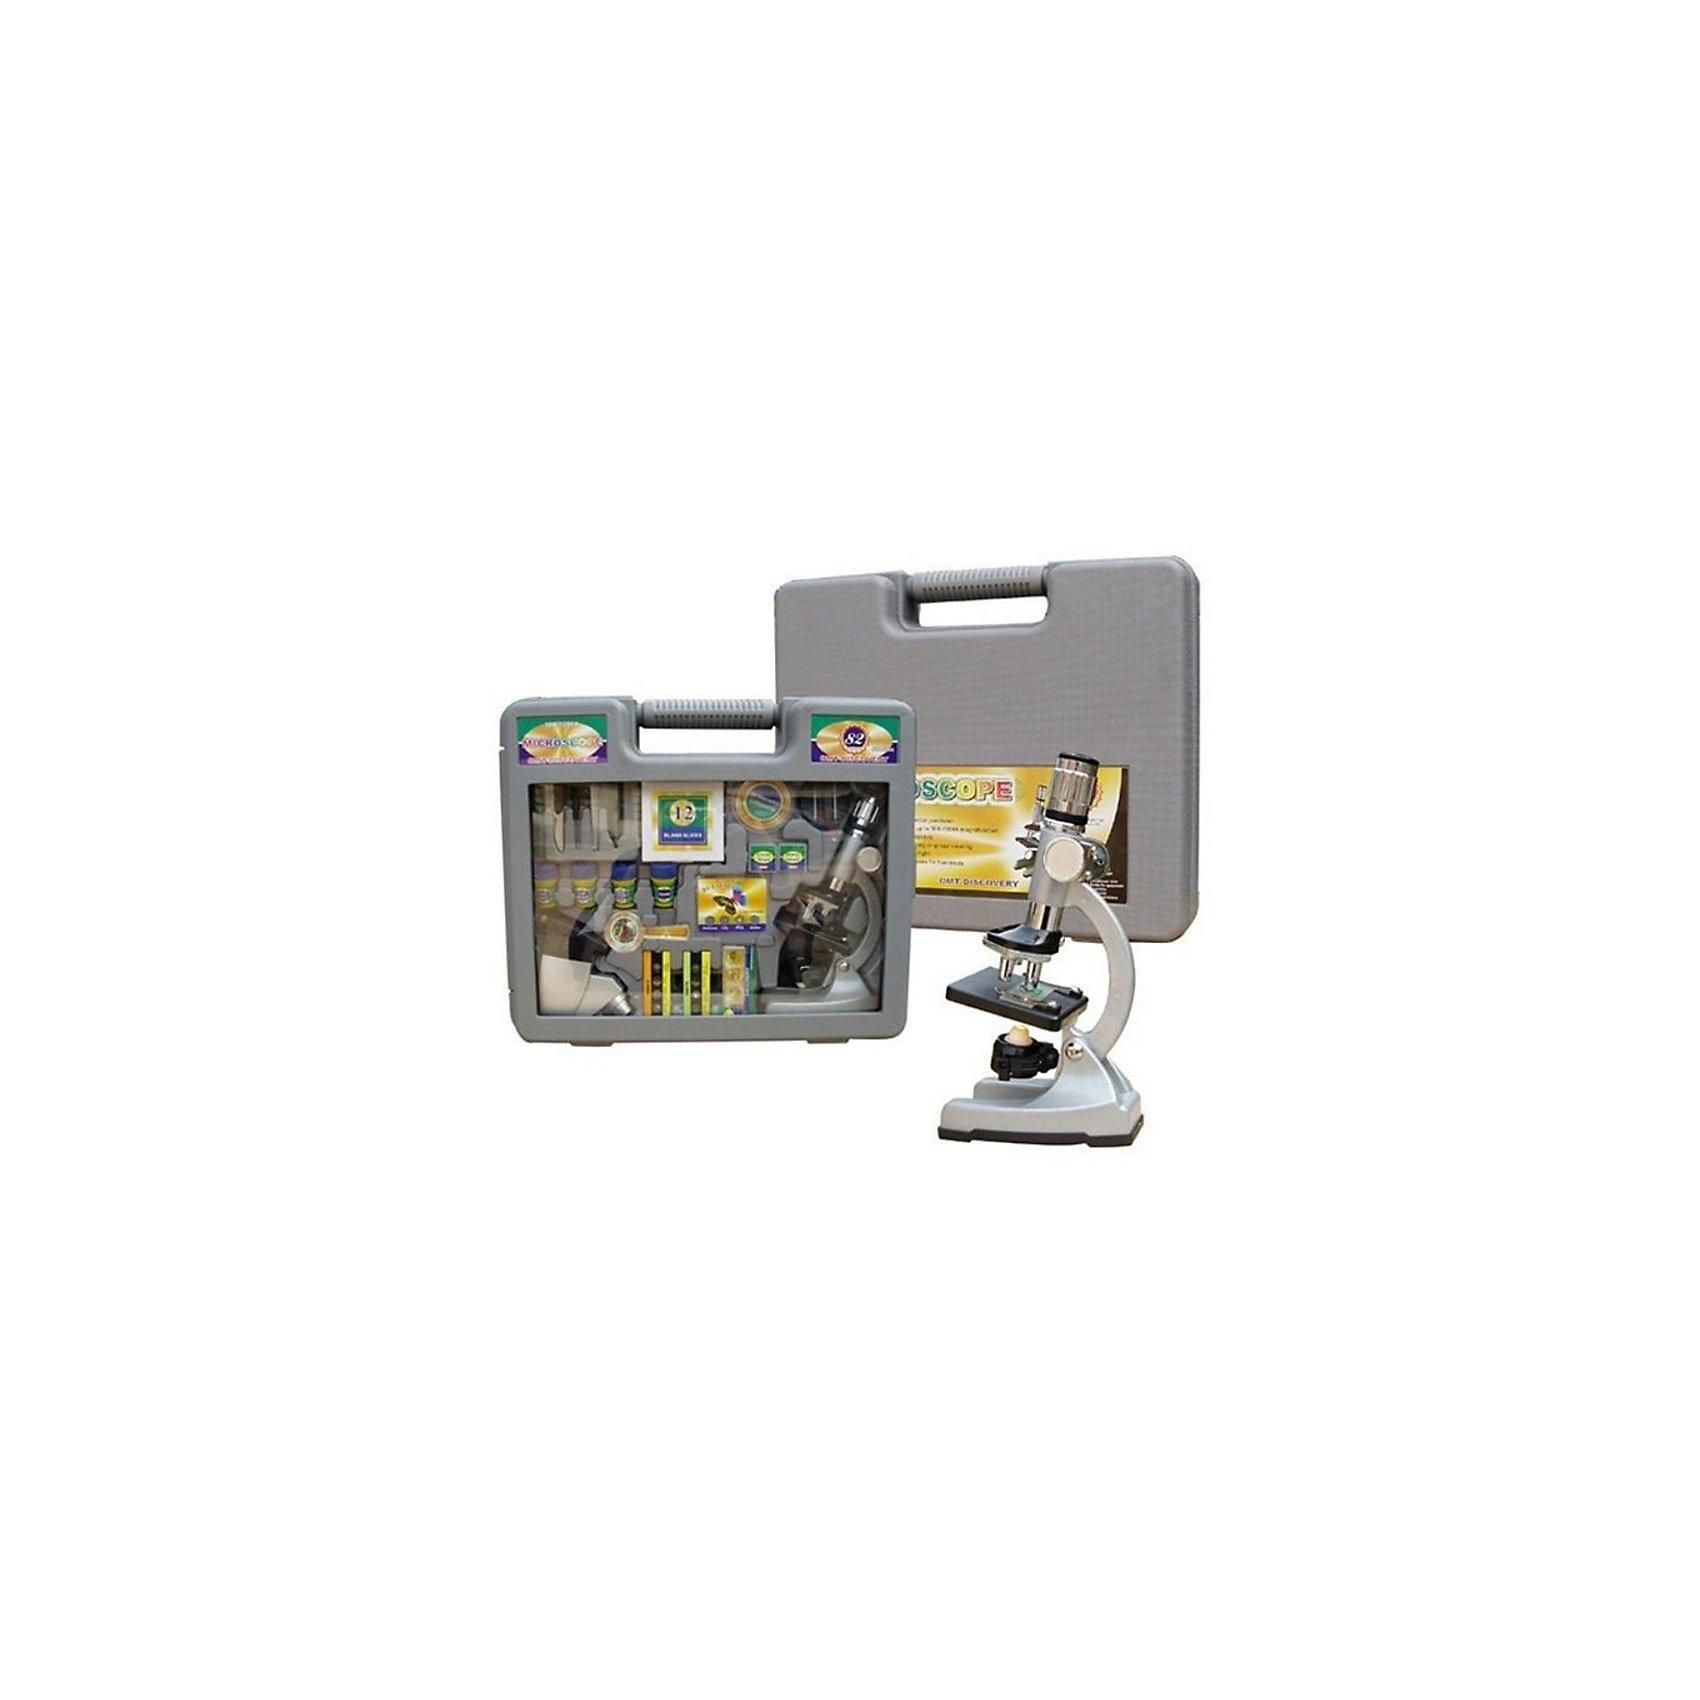 Набор с микроскопом Юный ученый (60 предметов)Характеристики товара:<br><br>• цвет: серый<br>• материал: металл, пластик, стекло<br>• размер упаковки: 42х34х10 см<br>• комплектация: 60 предметов (три объектива, прожектор, светофильтры и др.)<br>• упаковка:чемоданчик<br>• вес: 2300 г<br>• работает от батареек<br>• возраст: от пяти лет<br><br>Такой набор поможет привить ребенку любовь к знаниям и сделать учебу легче. Работа с микроскопом даст возможность ребенку получить представление о строении многих предметов. В комплекте идет микроскоп и предметы для подготовки объектов к изучению. Также в наборе есть объективы различной мощности сфетофильтры.<br>Изделие произведено из качественных и безопасных для ребенка материалов. Работа с таким набором помогает развить мышление ребенка, аккуратность, внимательность, мелкую моторику и воображение. Полезный и развивающий подарок!<br><br>Набор с микроскопом Юный ученый (60 предметов) можно купить в нашем интернет-магазине.<br><br>Ширина мм: 420<br>Глубина мм: 340<br>Высота мм: 100<br>Вес г: 2300<br>Возраст от месяцев: 60<br>Возраст до месяцев: 144<br>Пол: Унисекс<br>Возраст: Детский<br>SKU: 5230497